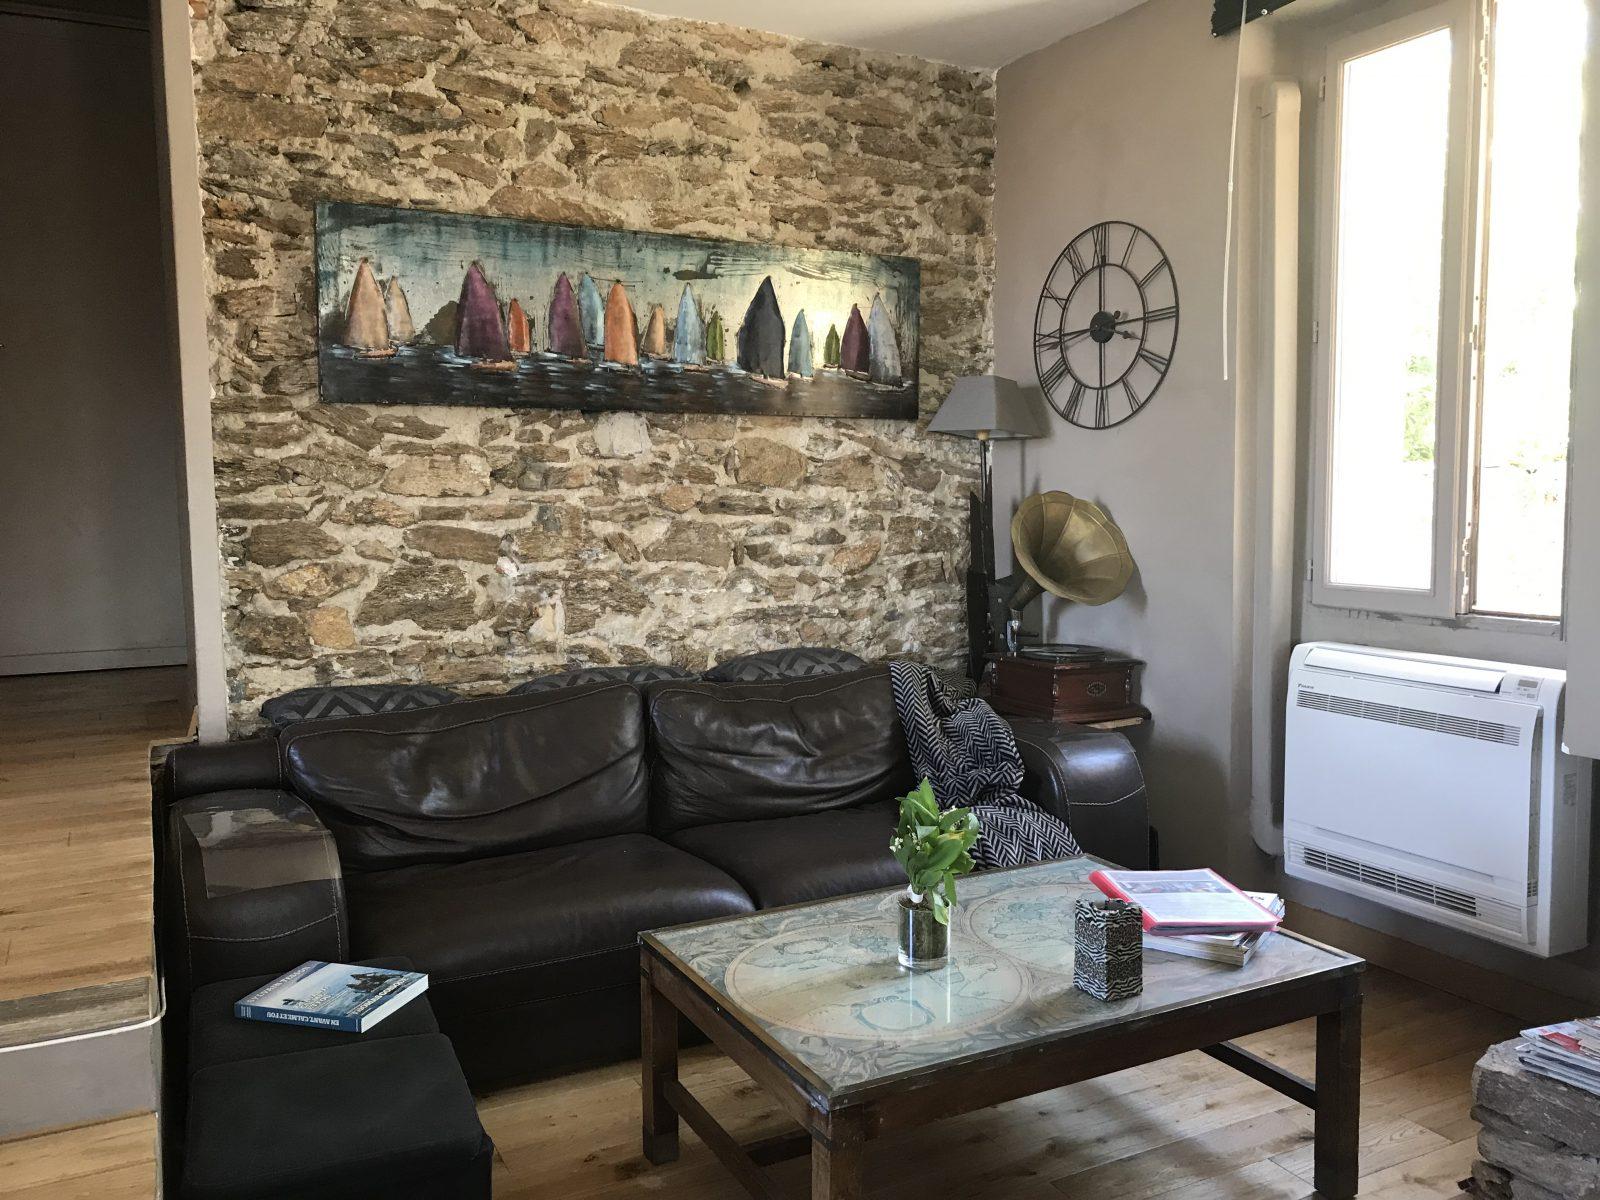 Le Lavandou/St-Clair – Location Corinne MARTINEZ